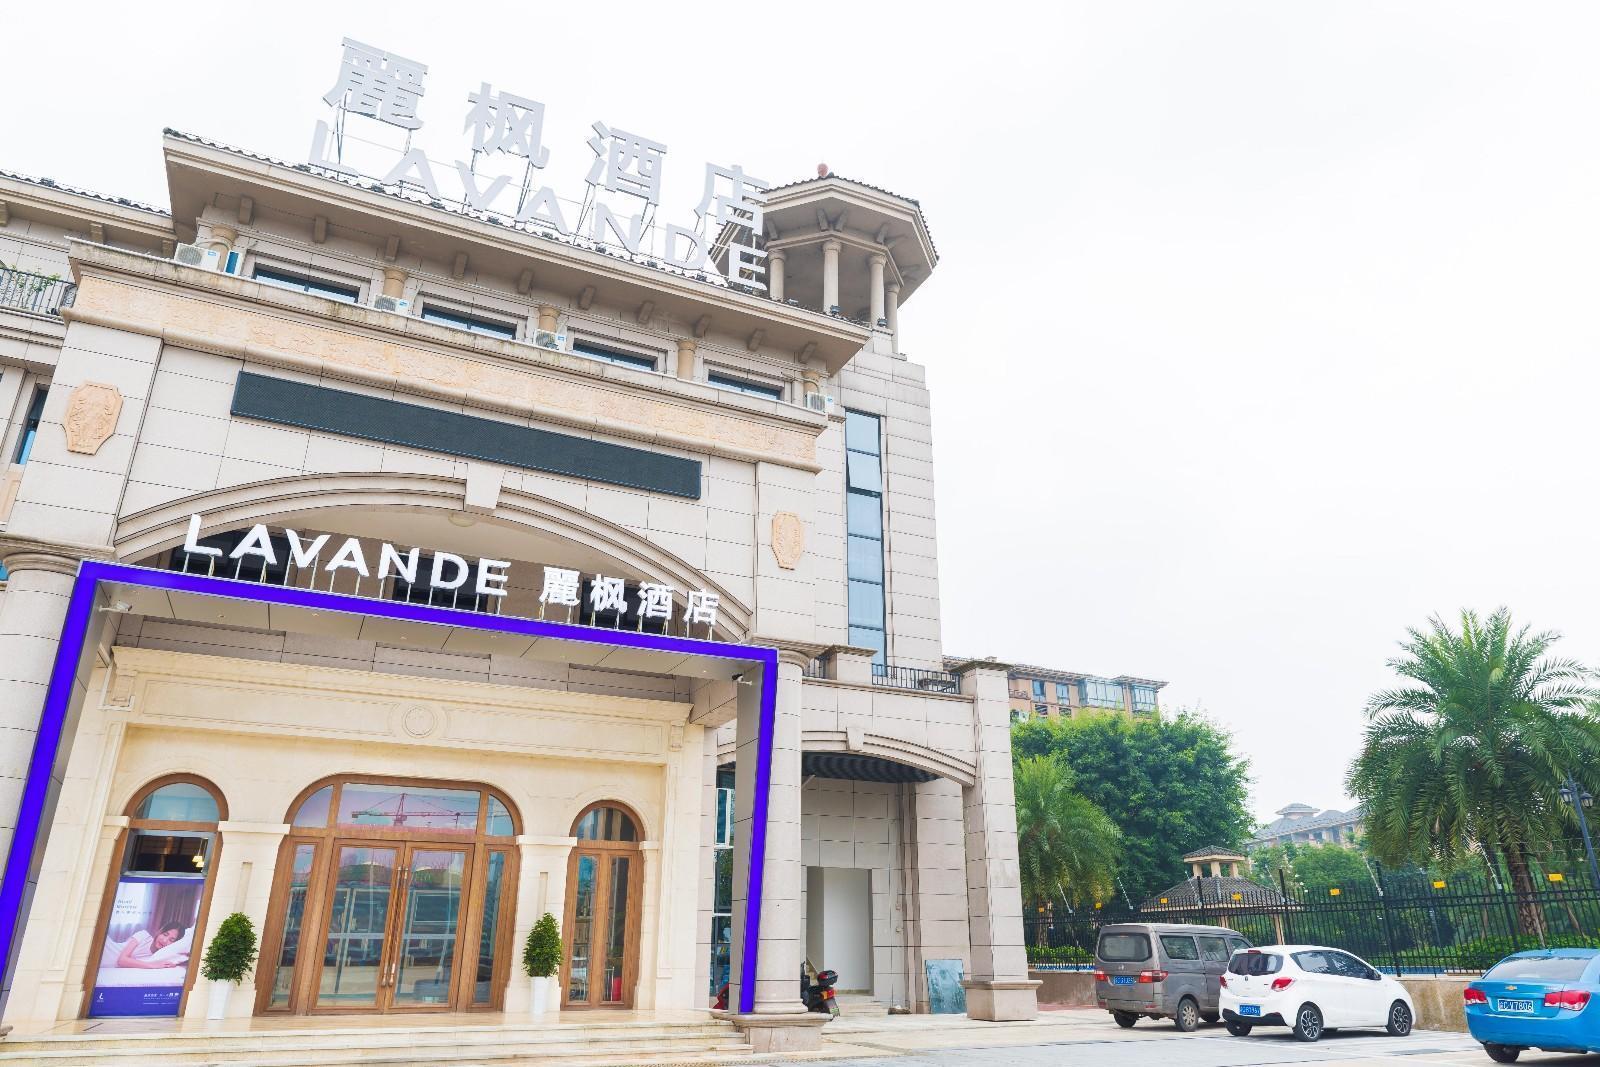 Lavande Hotels�Chongqing Yongchuan Lehe Ledu Wanda